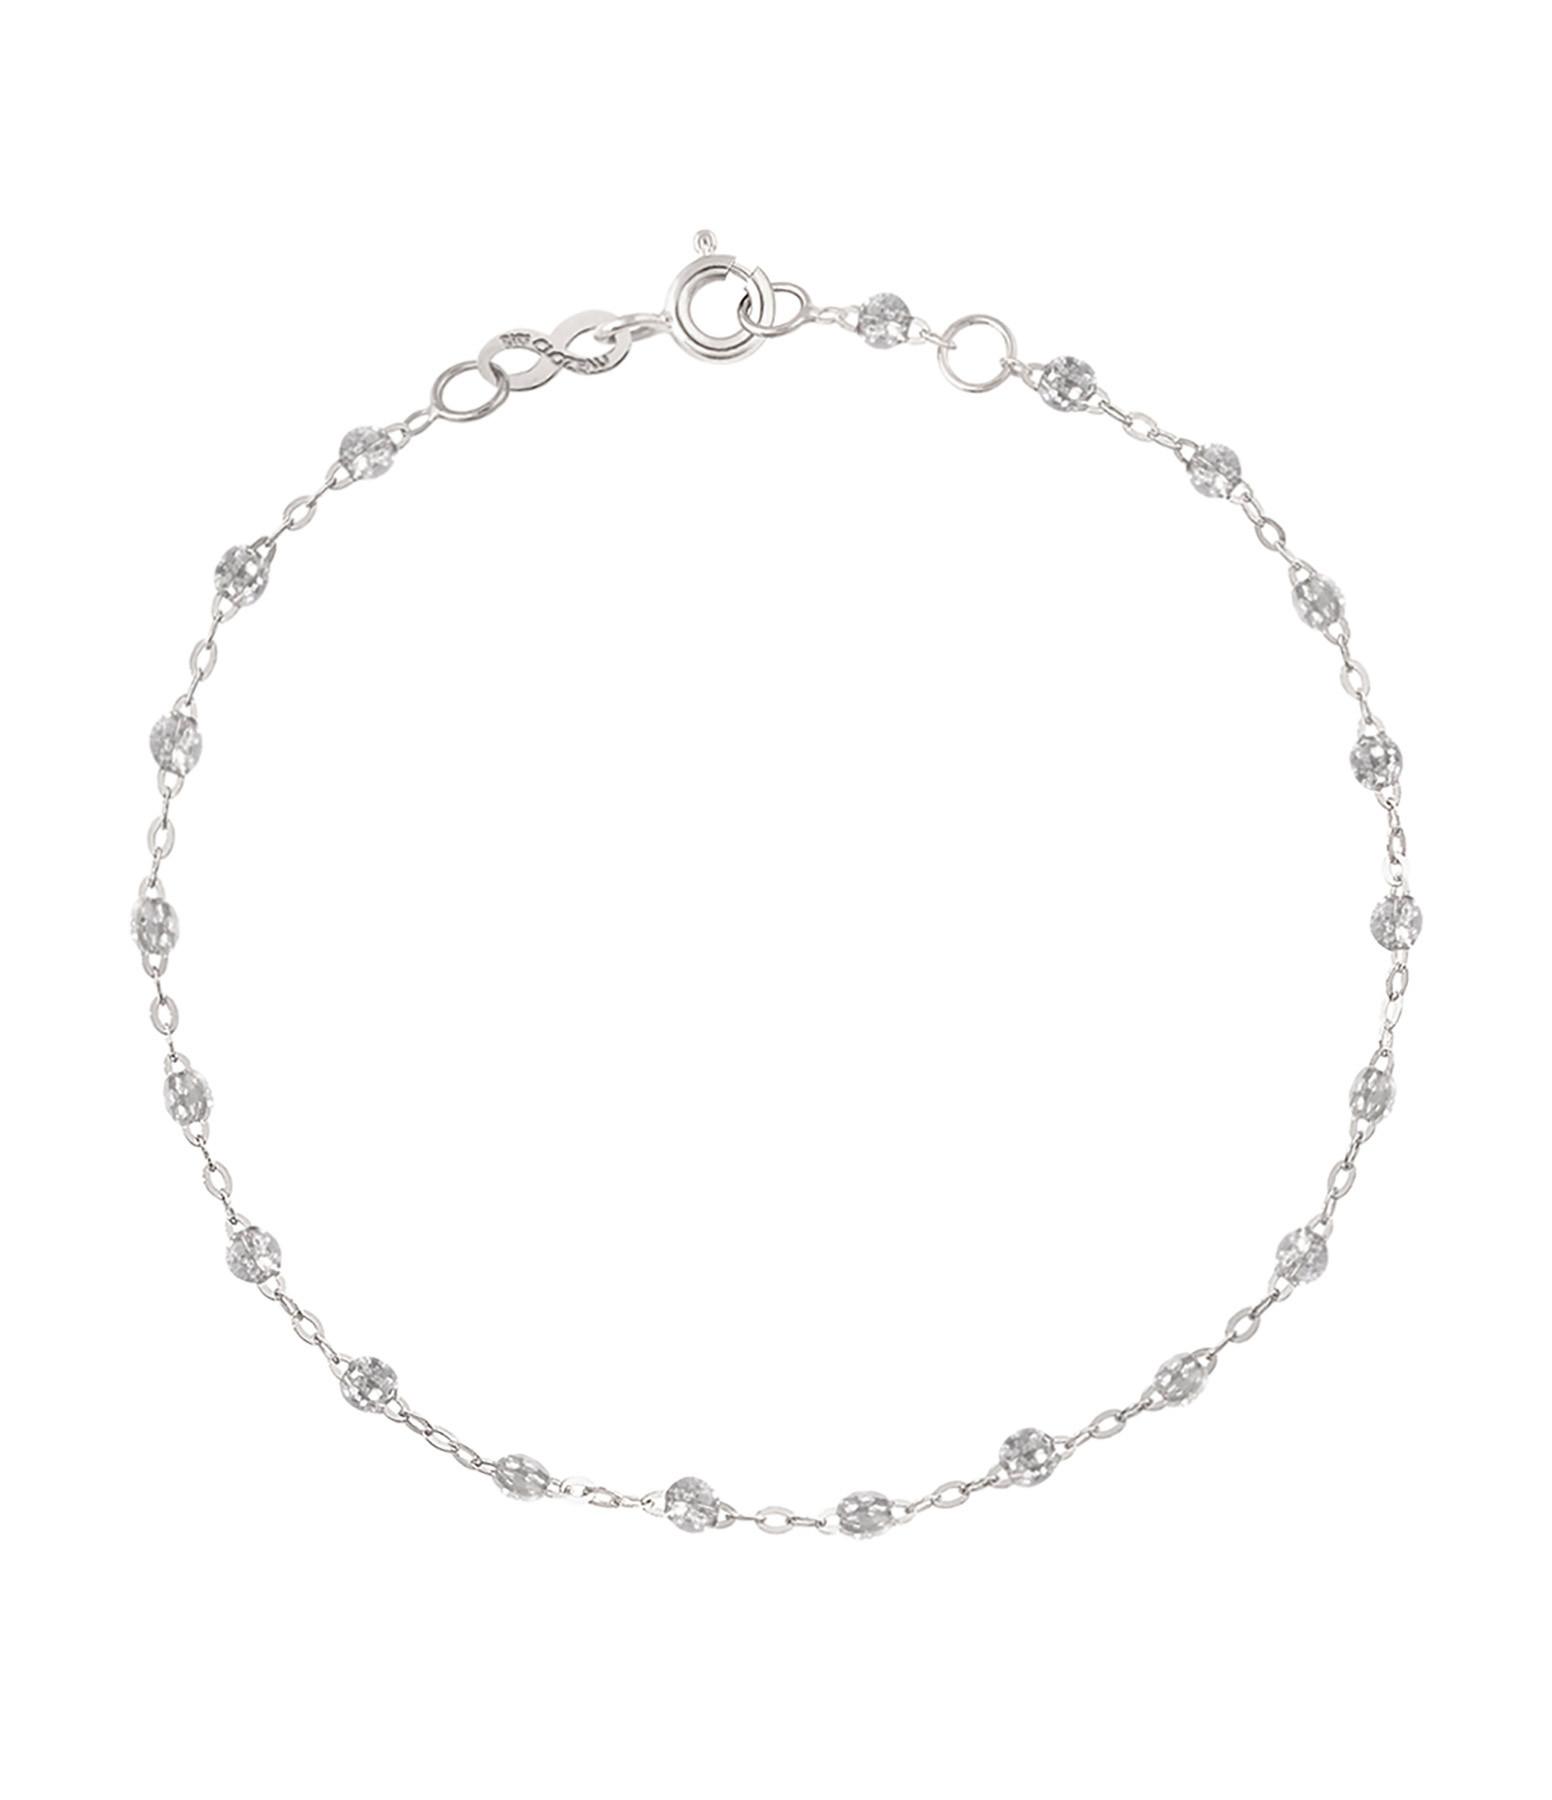 GIGI CLOZEAU - Bracelet Perles Résine 19cm